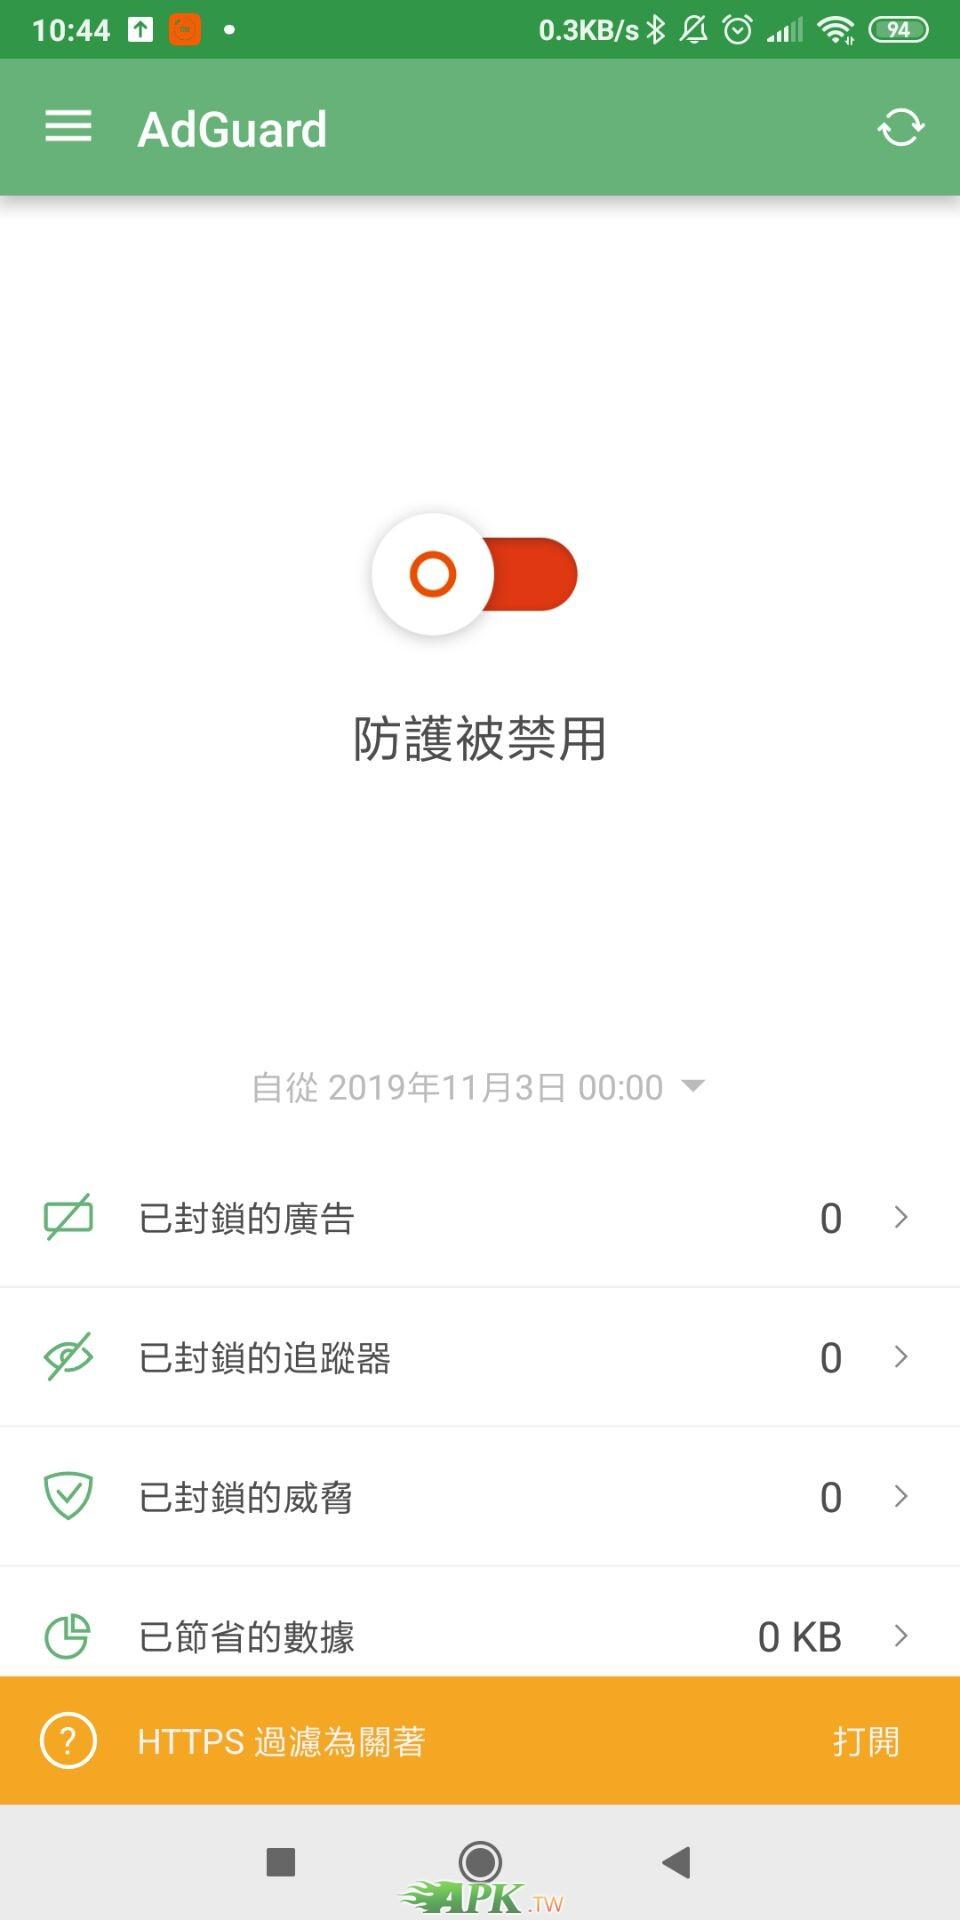 QQ图片20191106104630.jpg